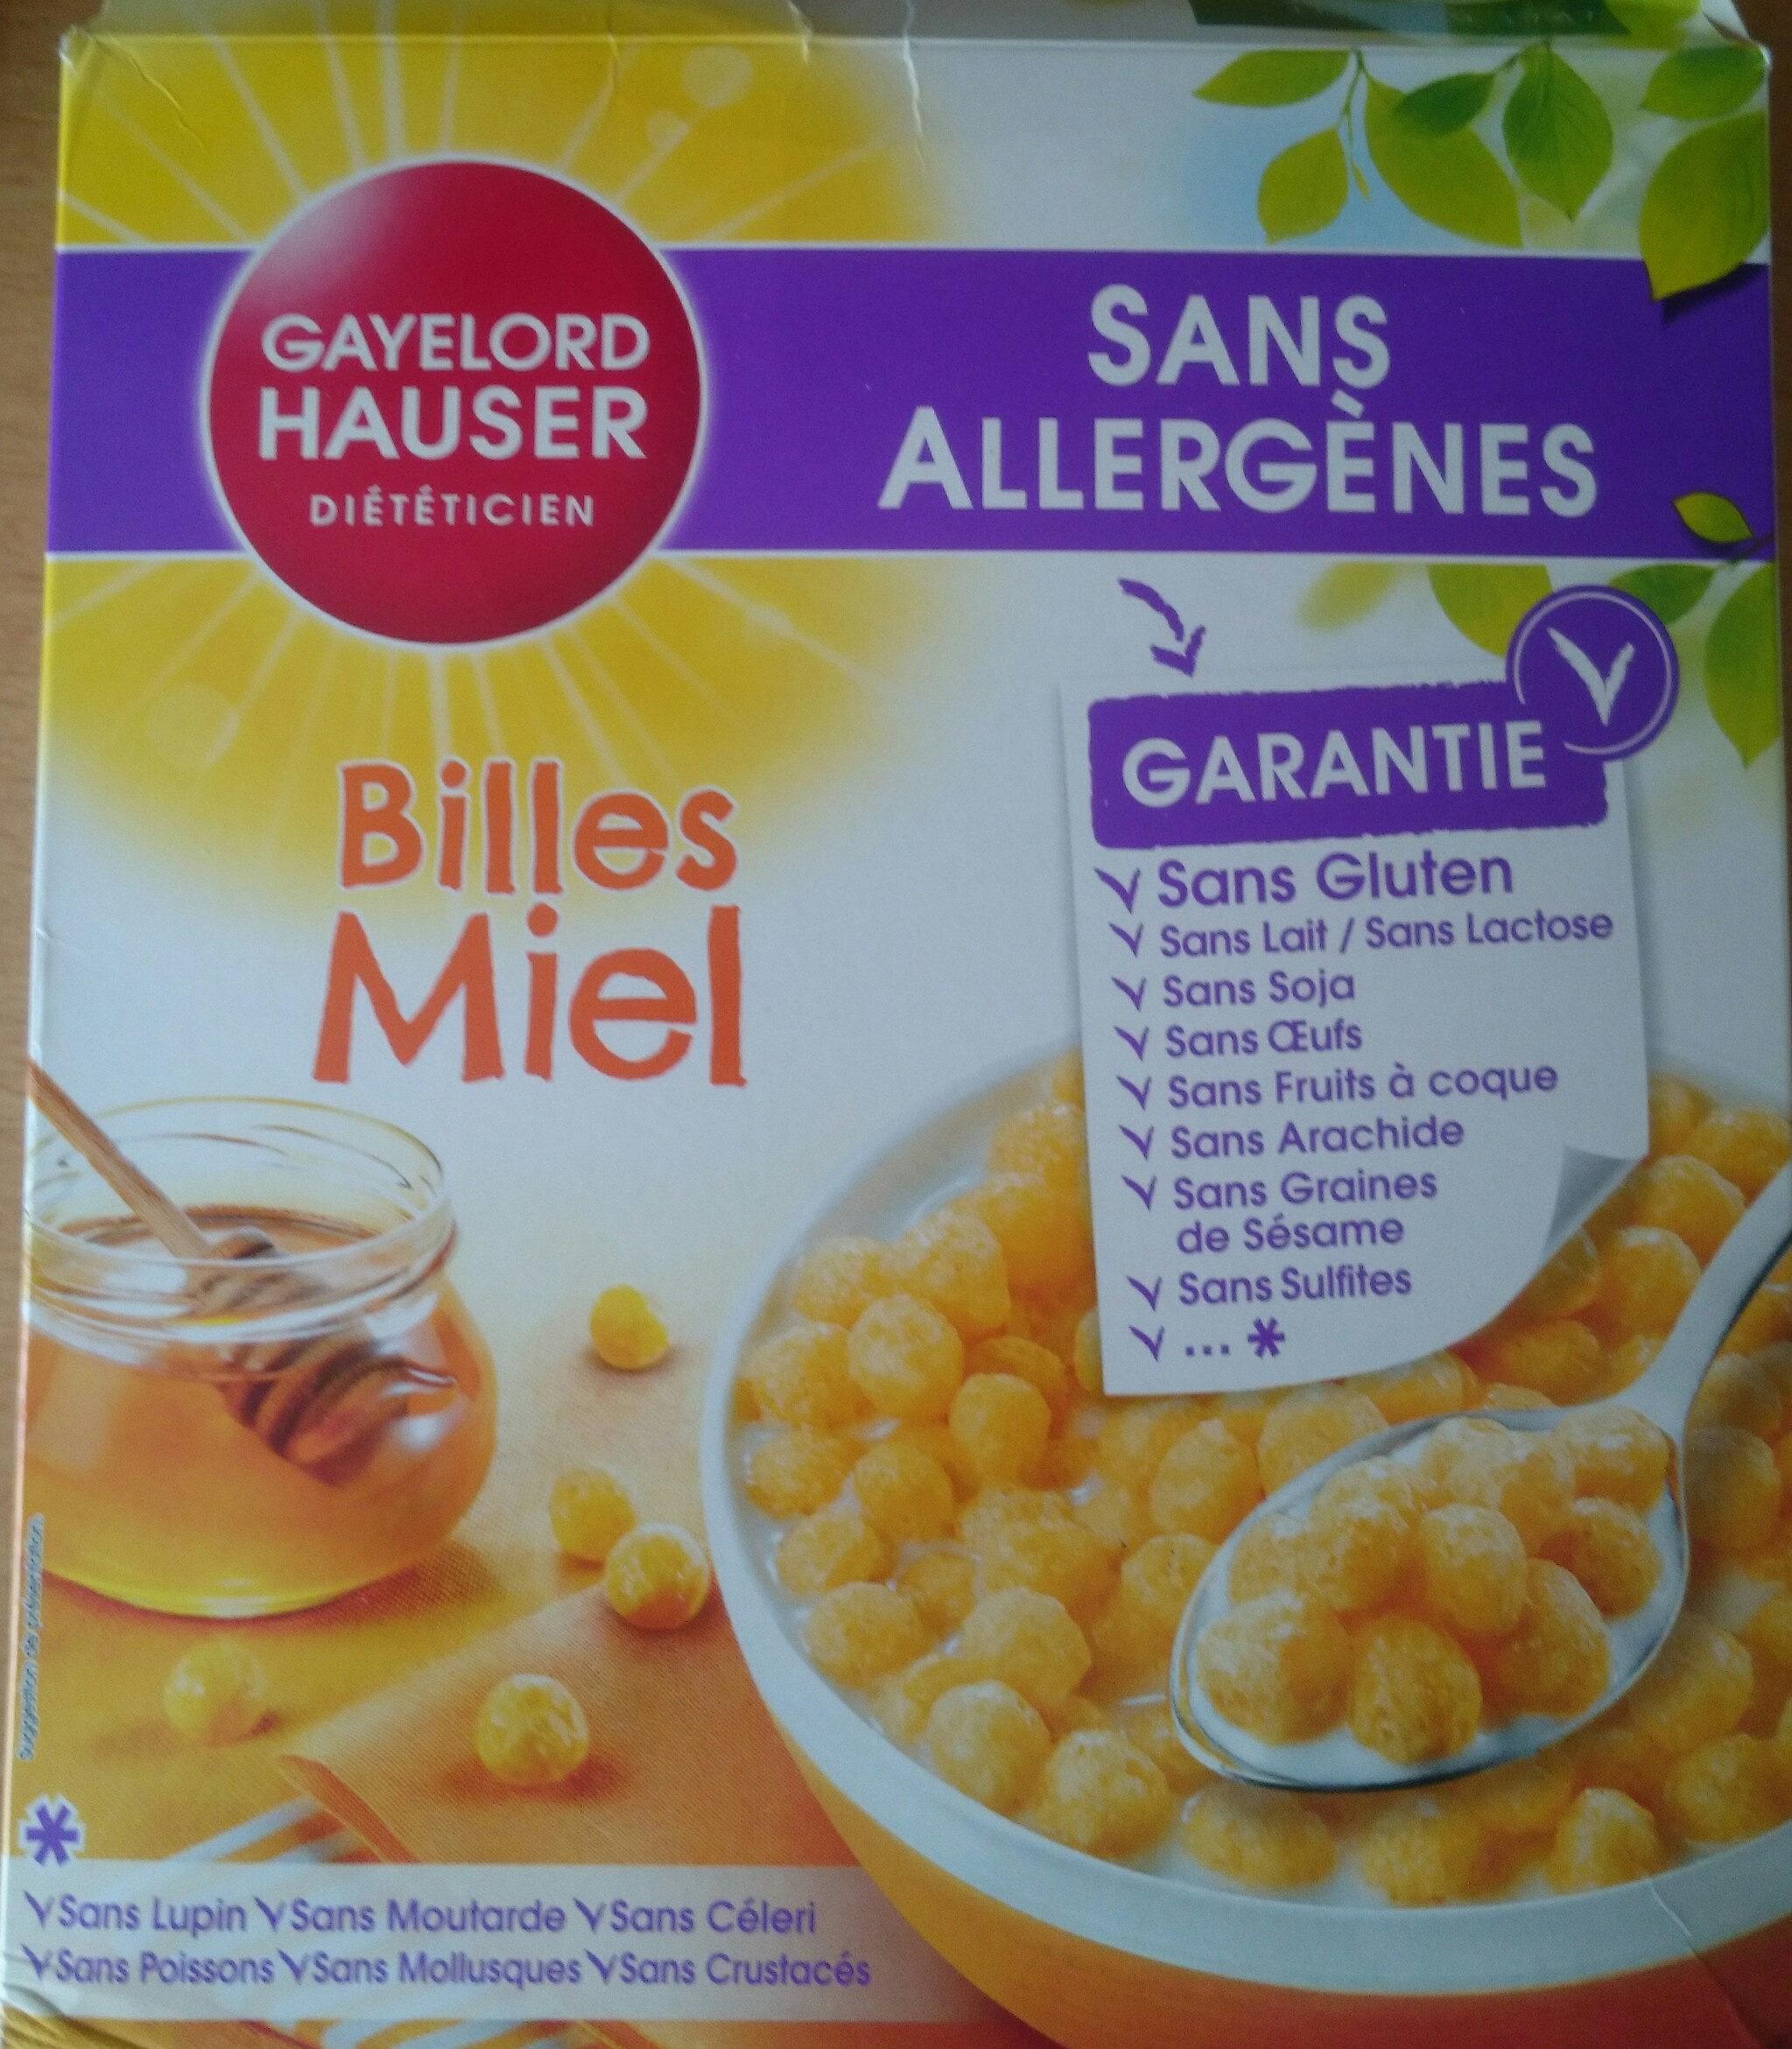 billes miel - Product - fr